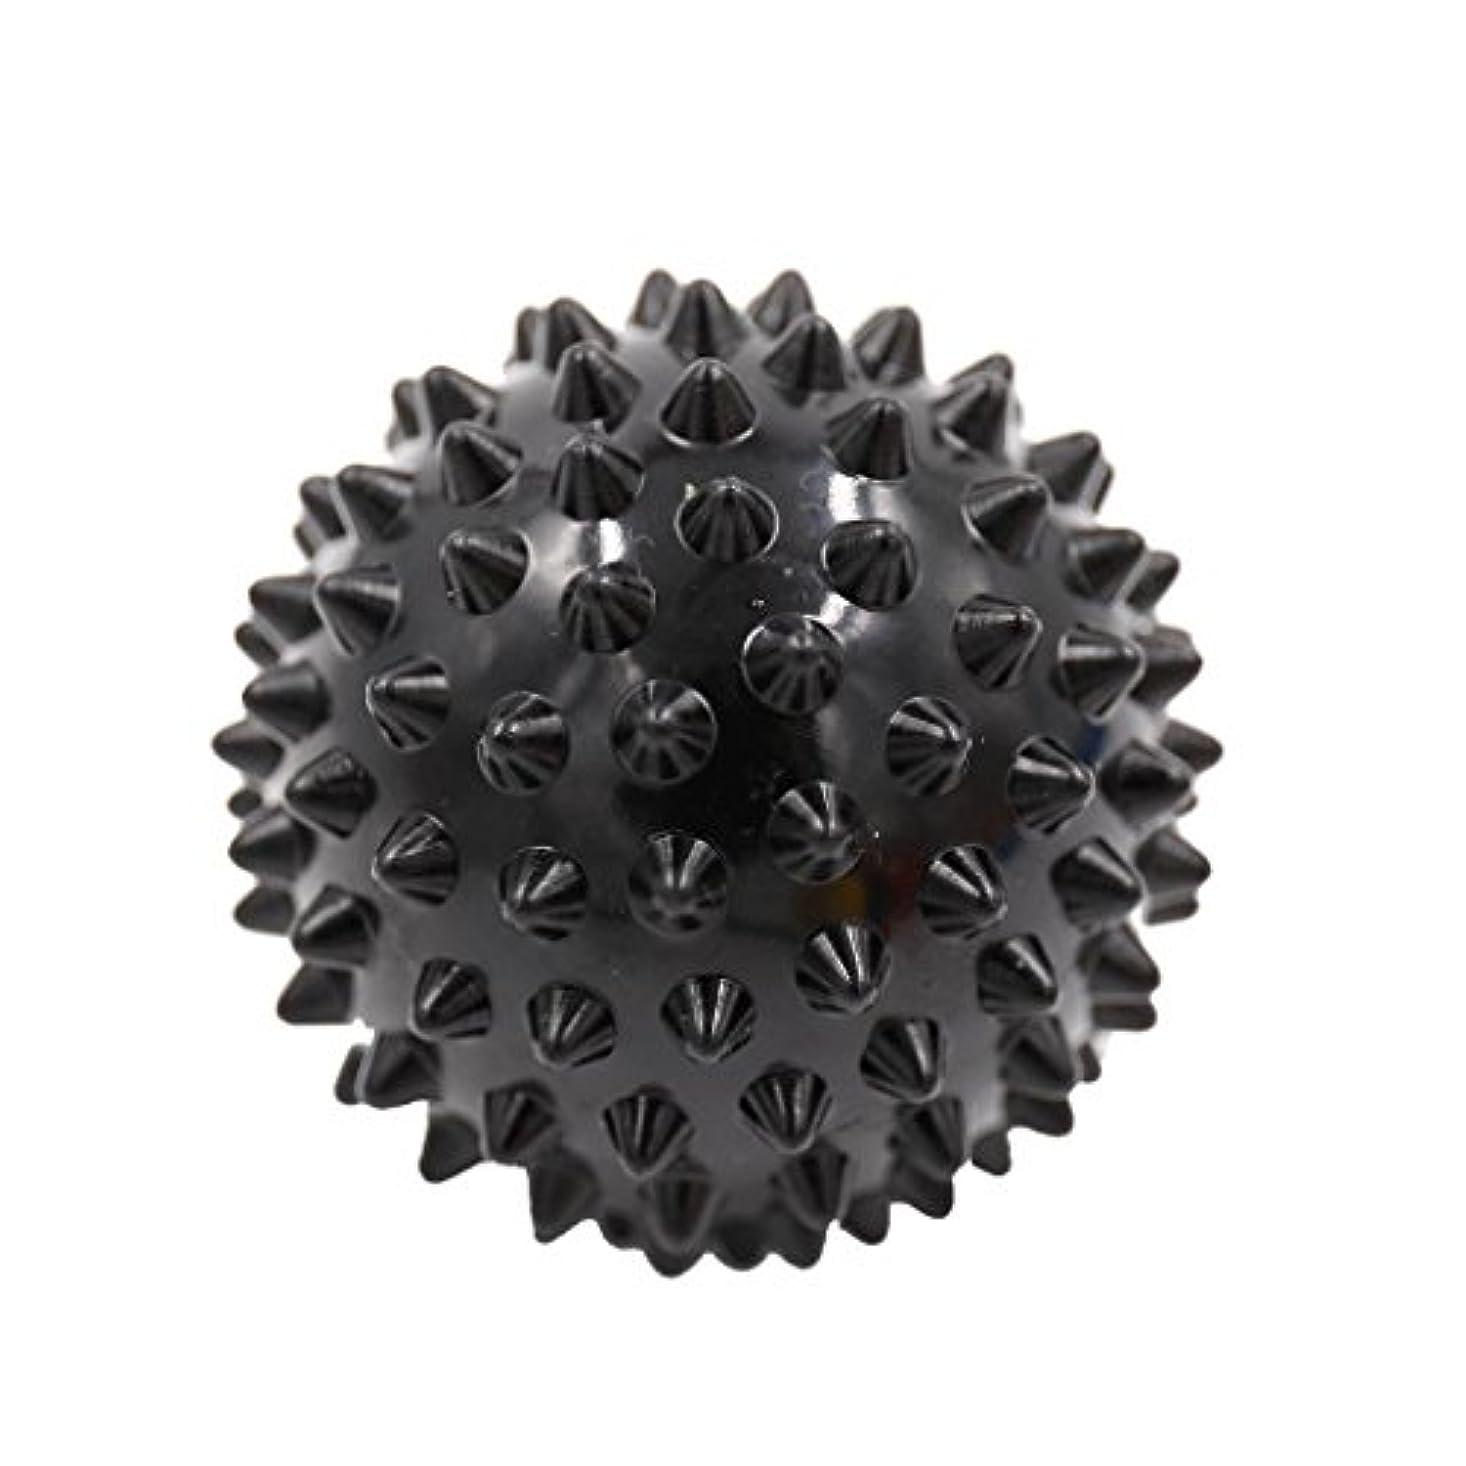 蓋富豪去るPerfk マッサージボール マッサージ器 ボディ レリーフ  スパイク マッサージ 刺激ボール 3色選べ - ブラック